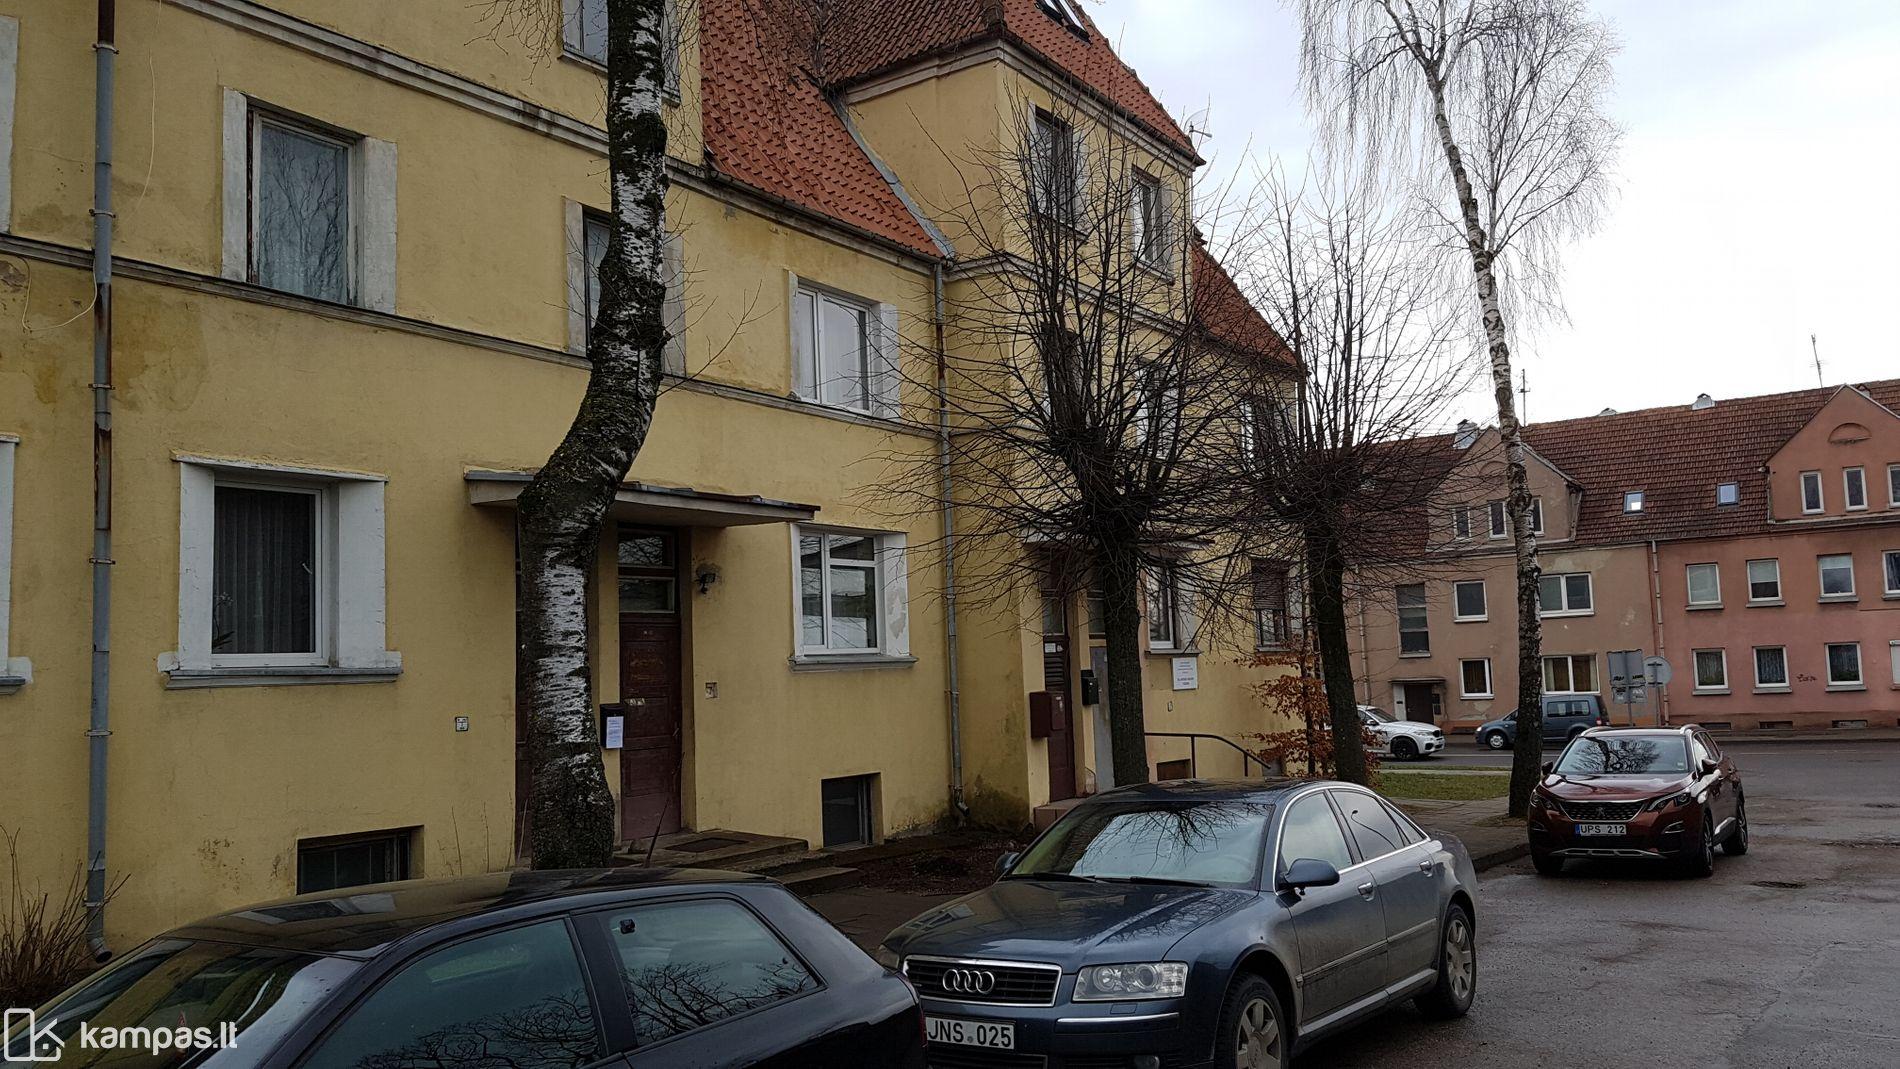 photo No.13 Klaipėda, Centras, Liepų g.